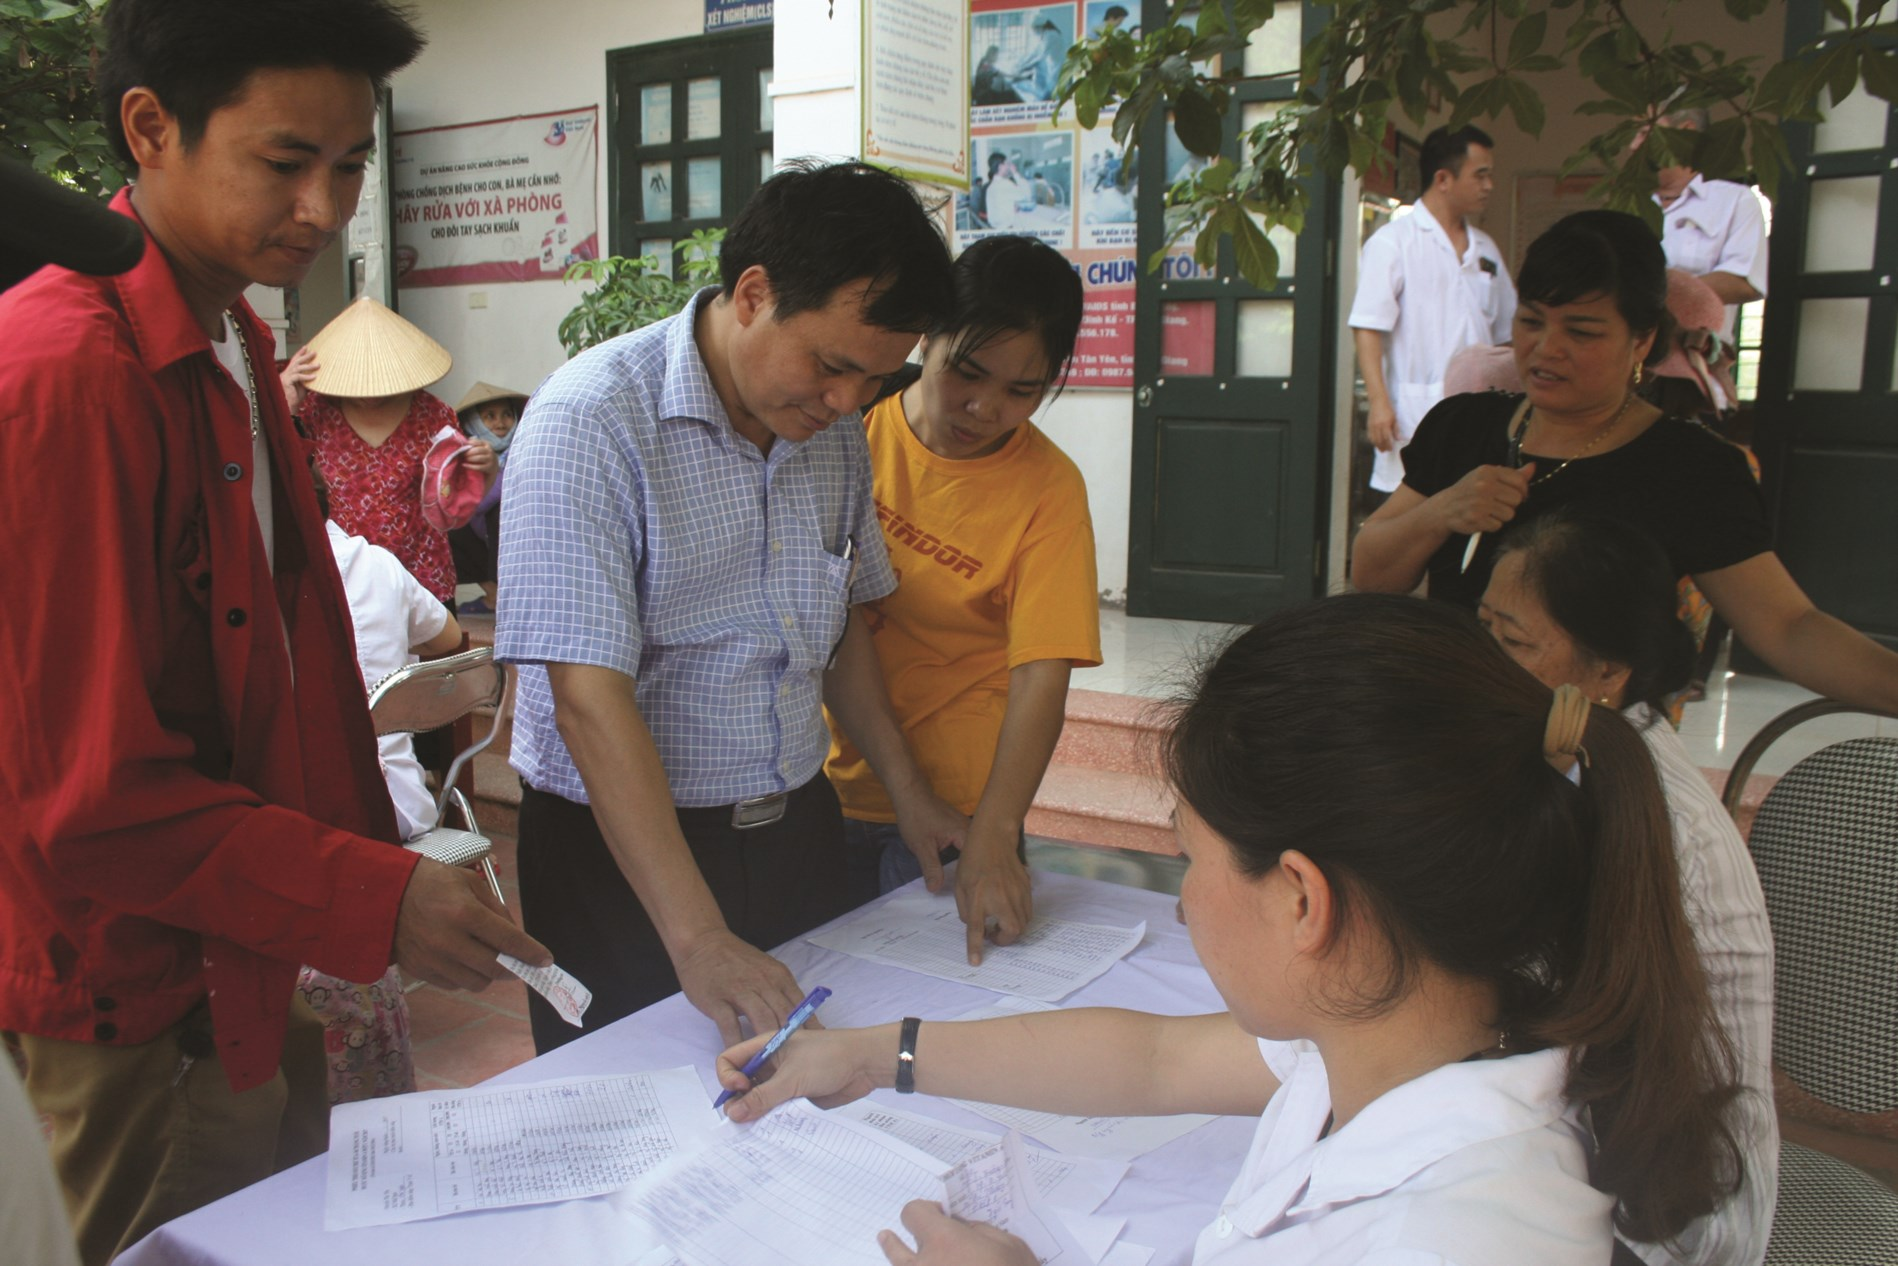 Bác sĩ Lâm Văn Tuấn (thứ 2 từ trái qua) luôn tận tình tư vấn sức khỏe cho người dân.